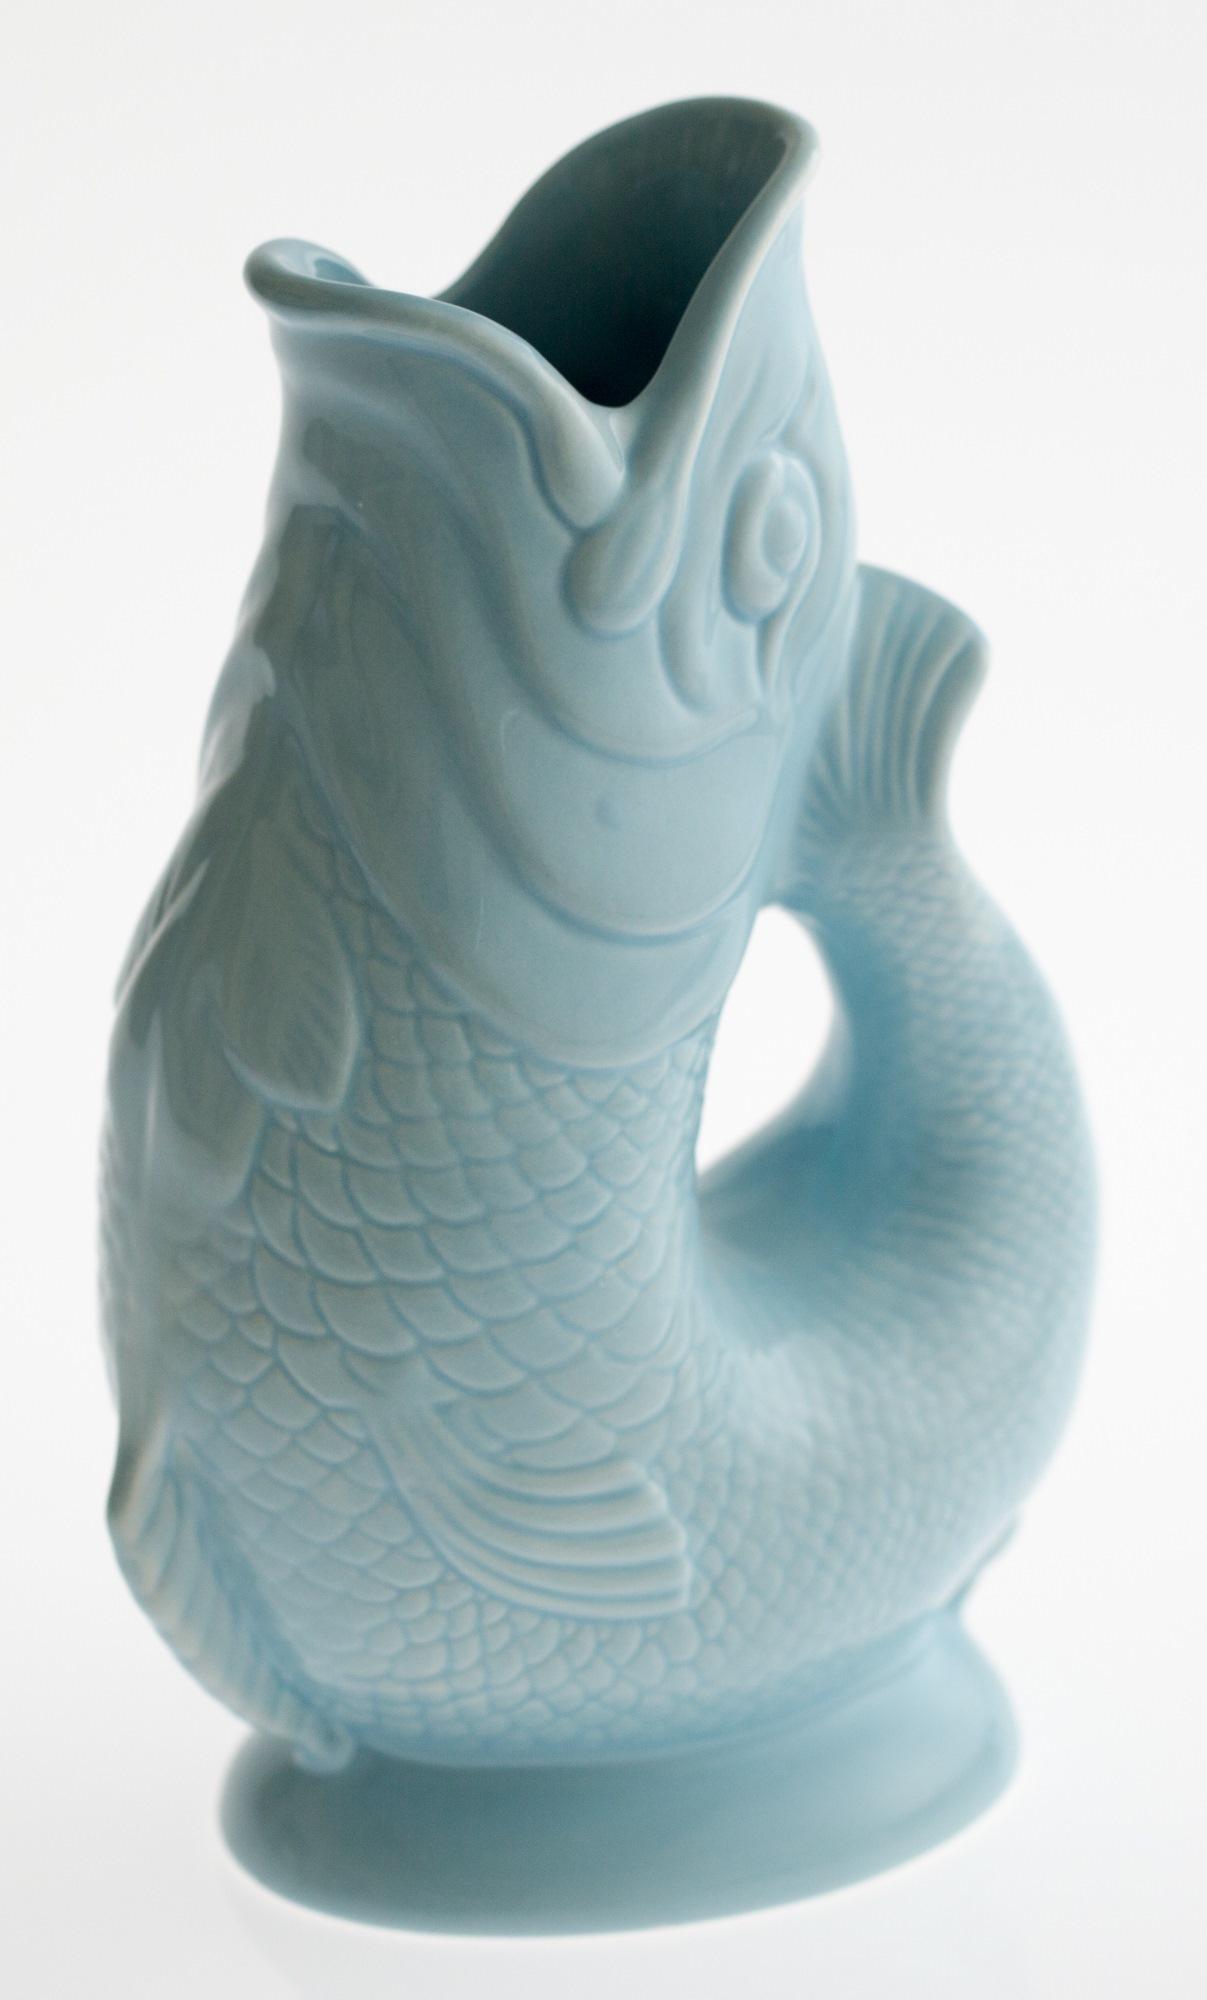 Gluckigluck Karaffe / Vase